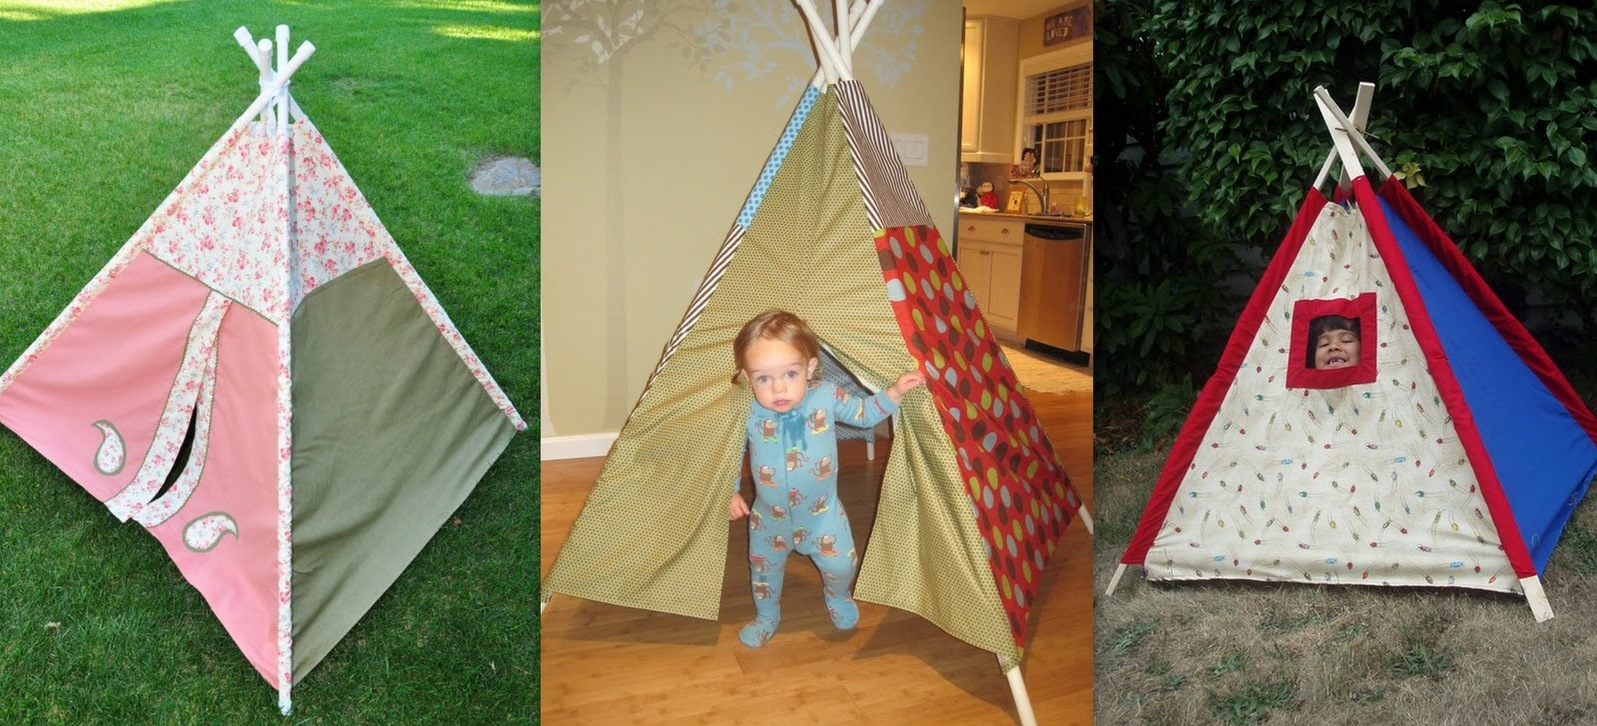 Палатка детей своими руками